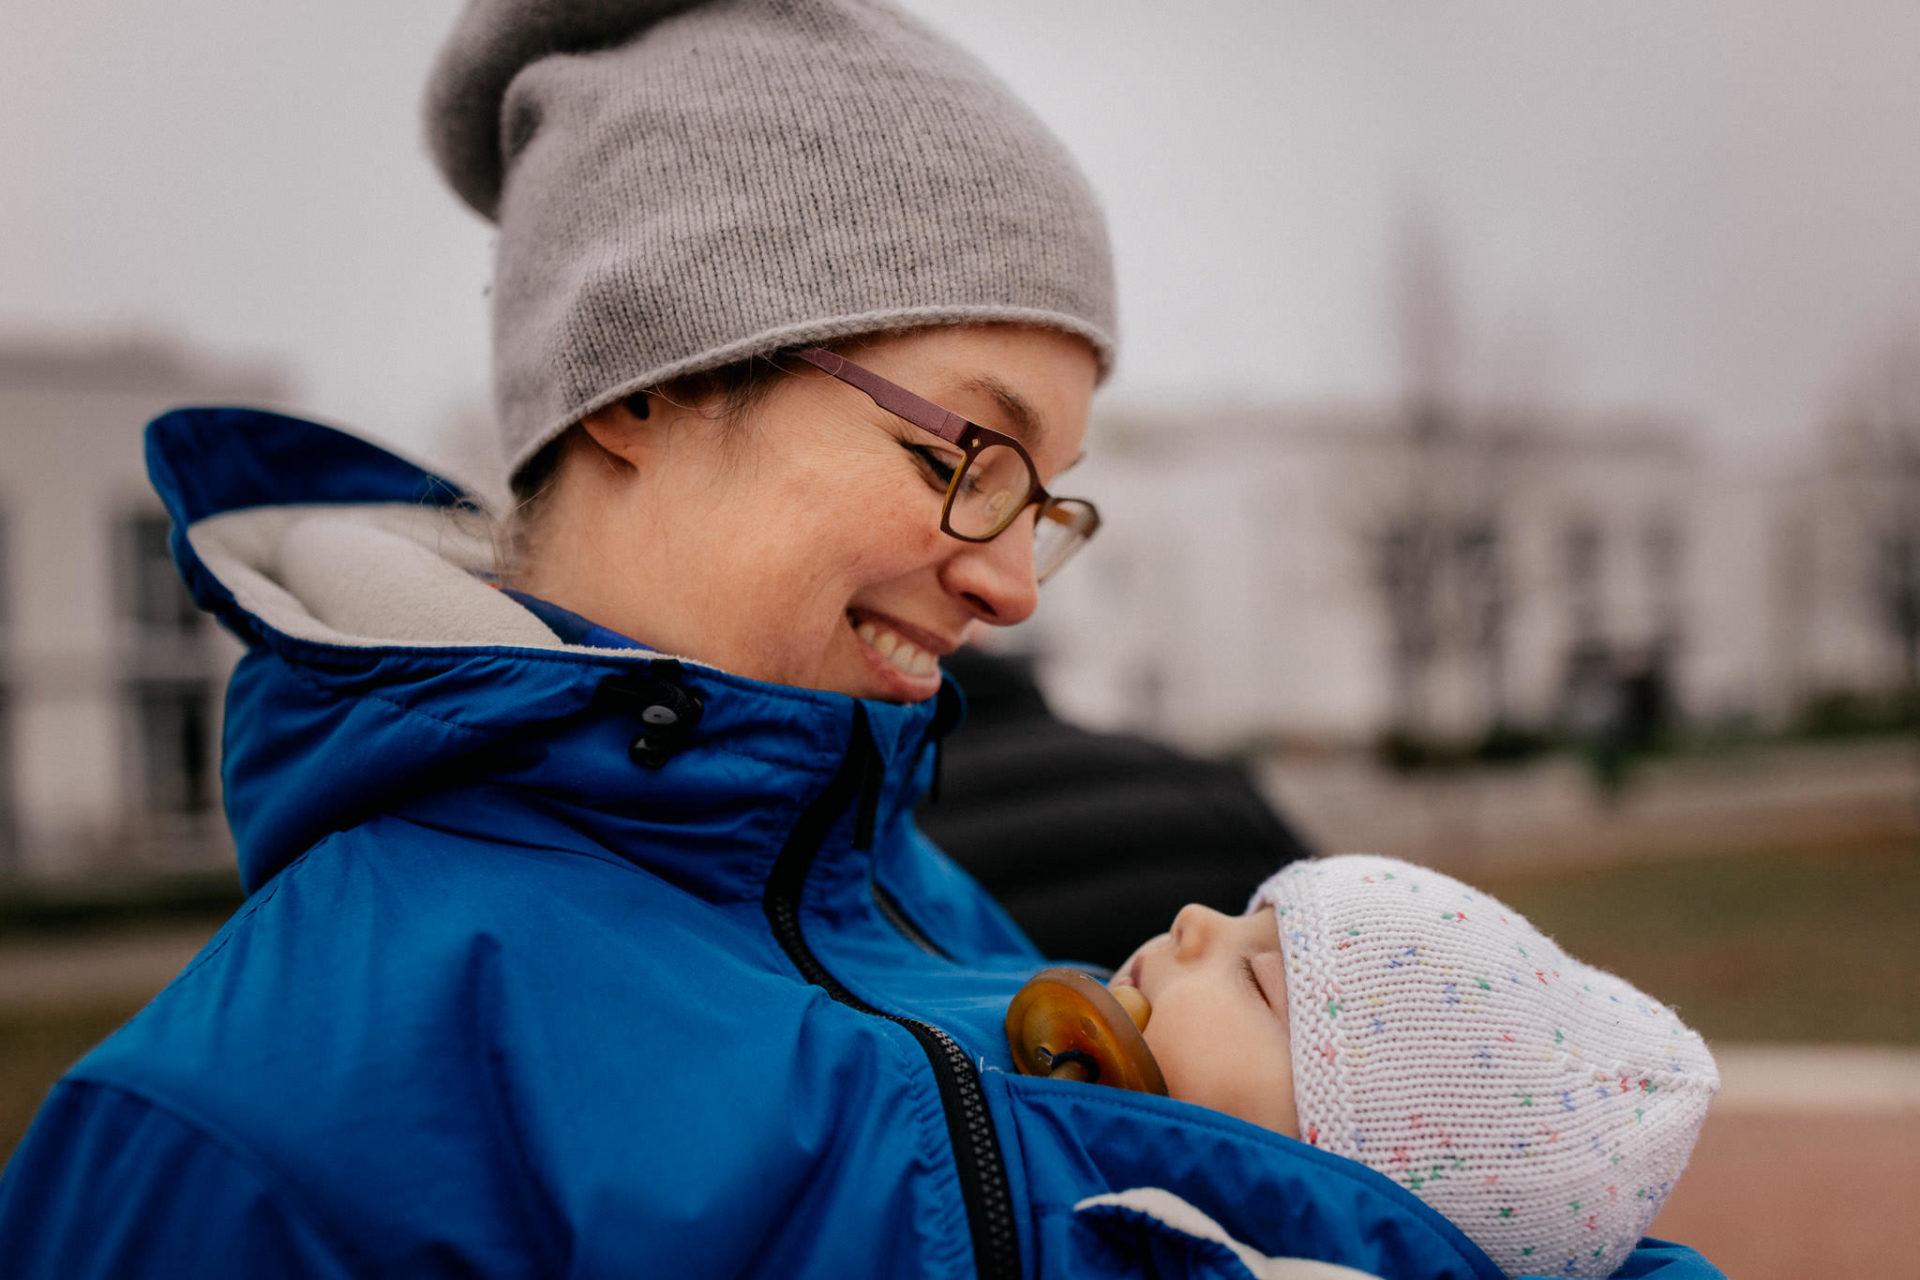 familienfotografie-mainz-journalistische-kinderbilder-familienspaziergang-mama-und-baby-in-babytrage-winter-muetze